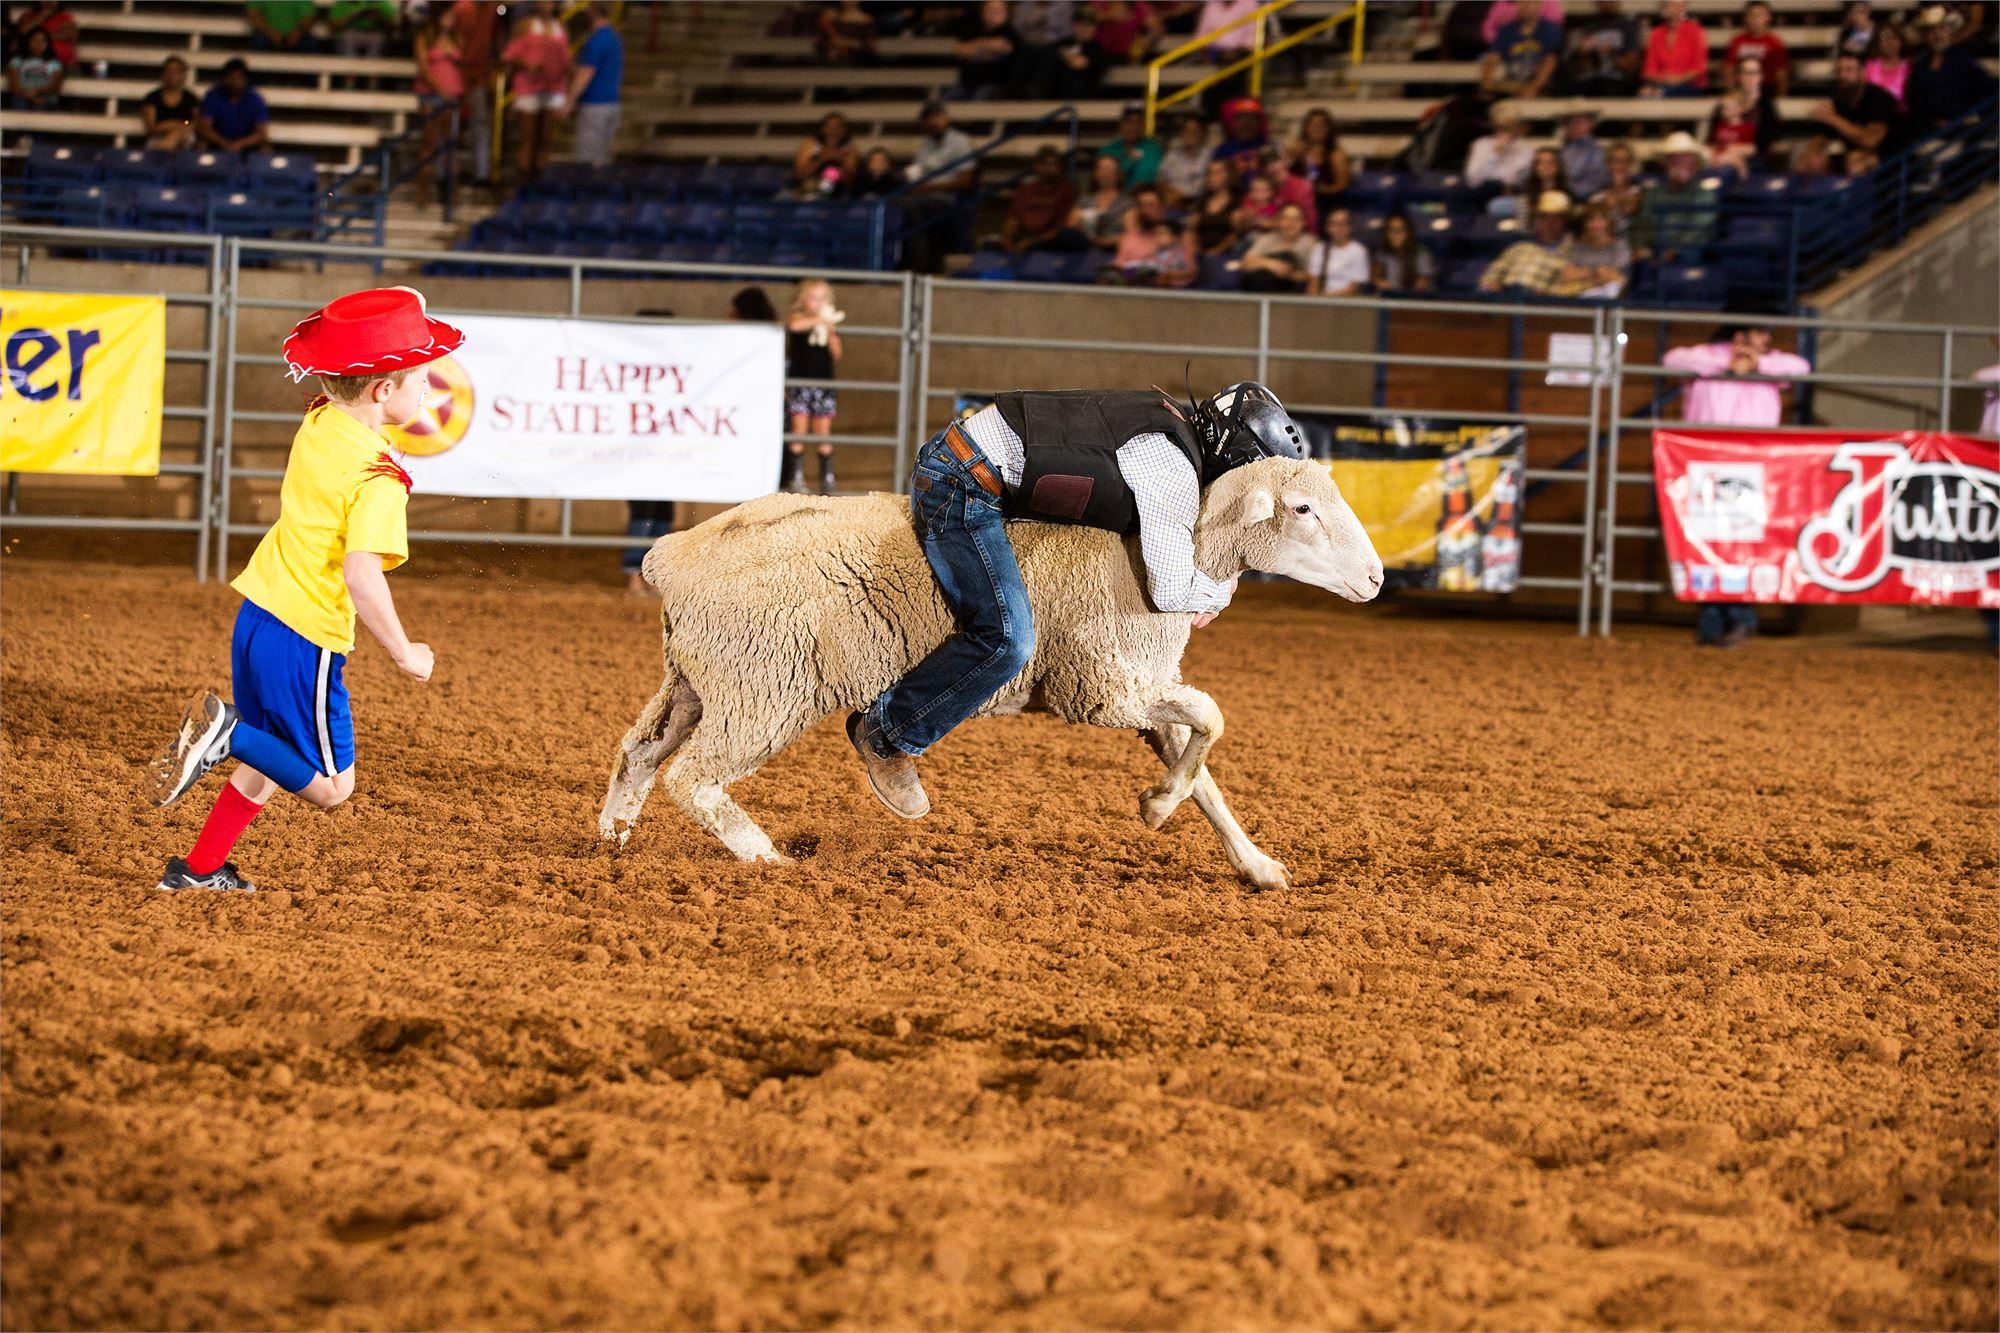 sheep, rider, kids, vest, helmet, dirt, clown, red hat, yellow shirt, blue shorts